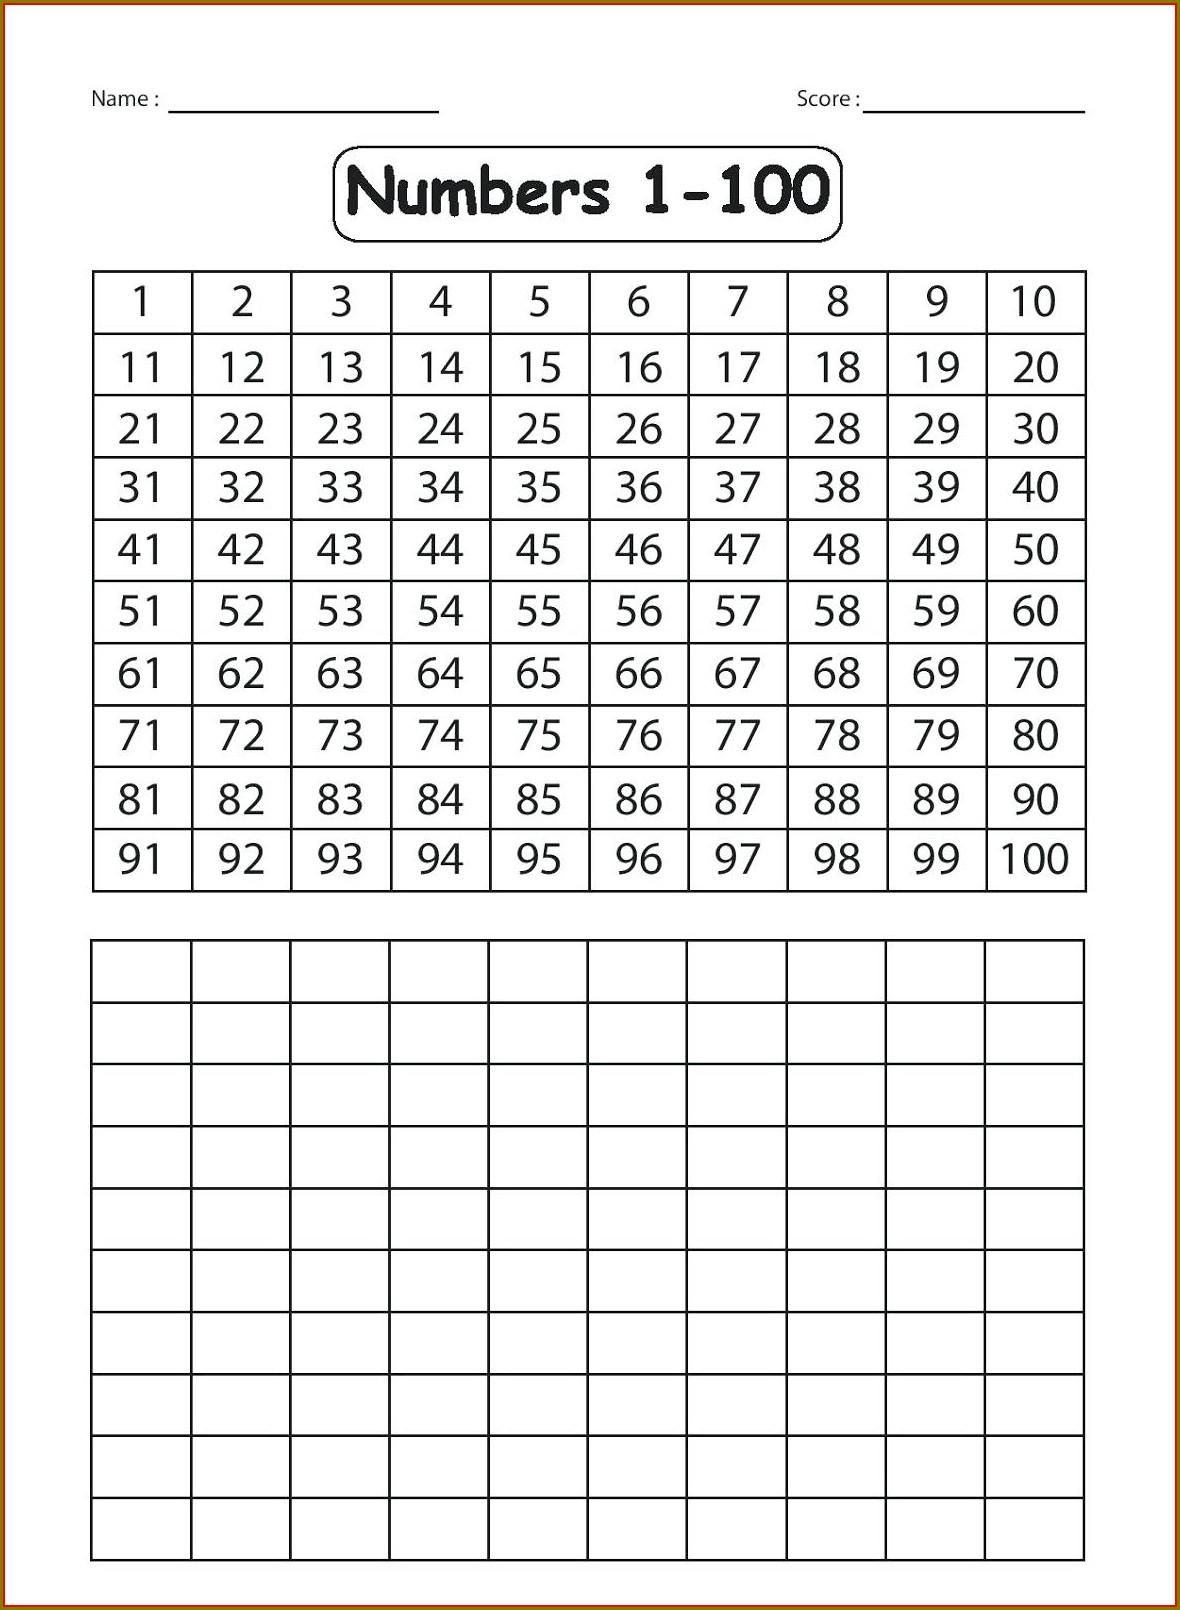 Ordinal Numbers 1 To 100 Worksheet